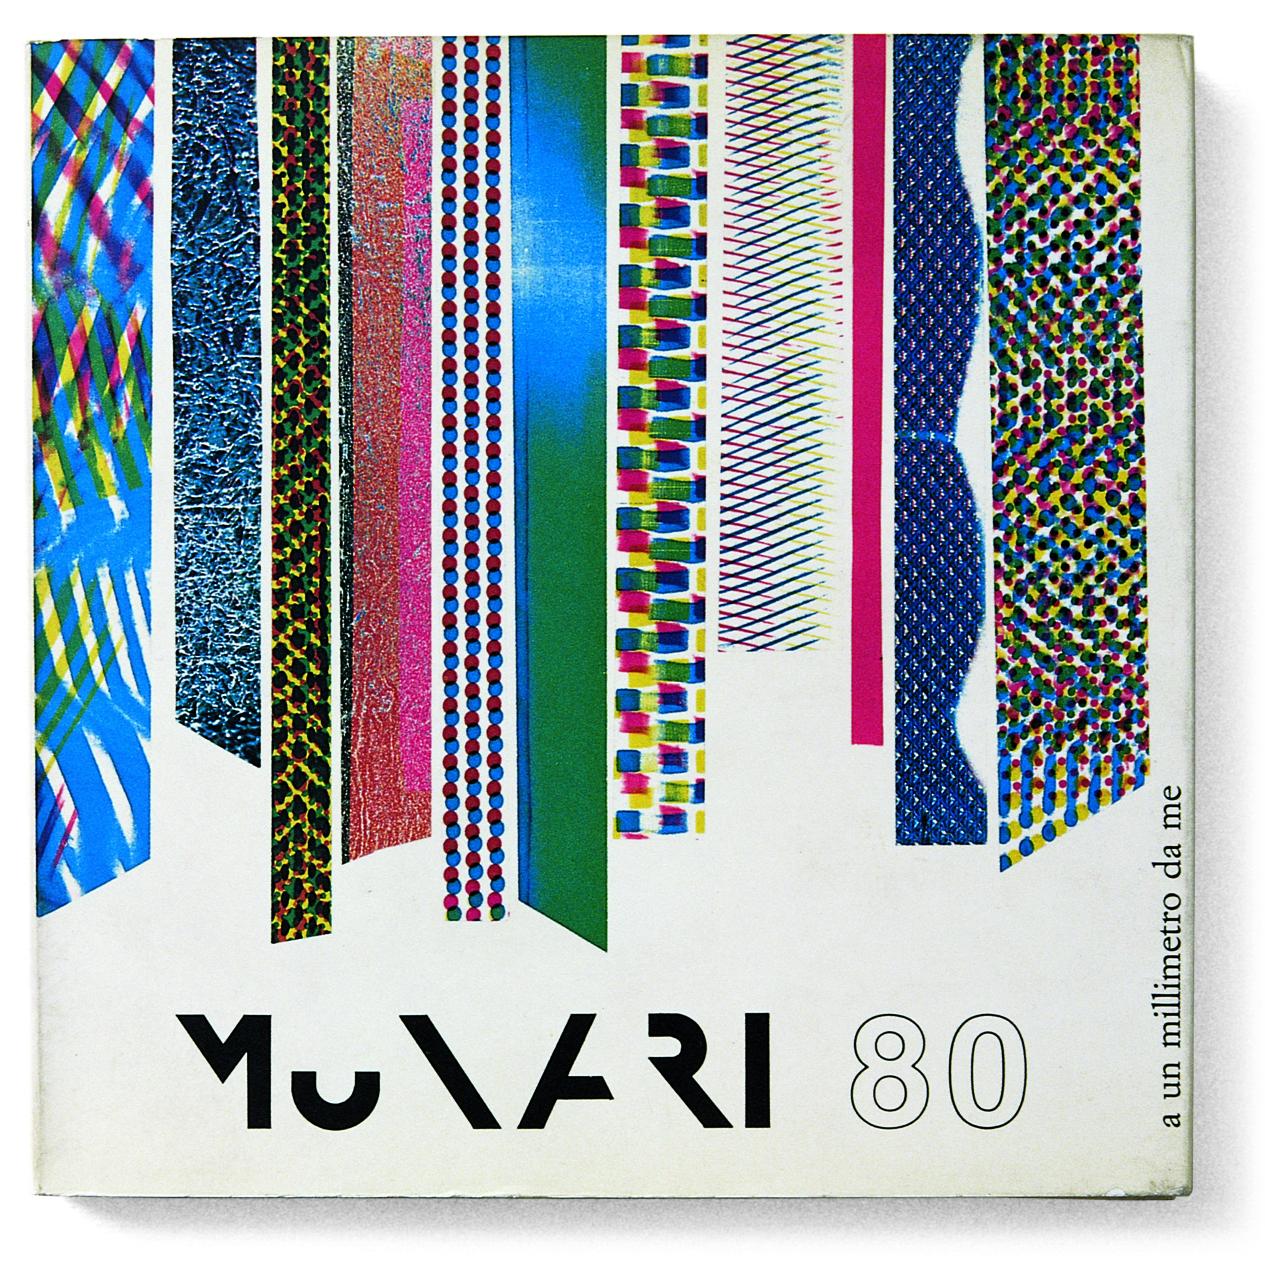 'Munari 80: A un millimetro da me' (Milan: Edizioni di Vanni Scheiwiller, 1987)